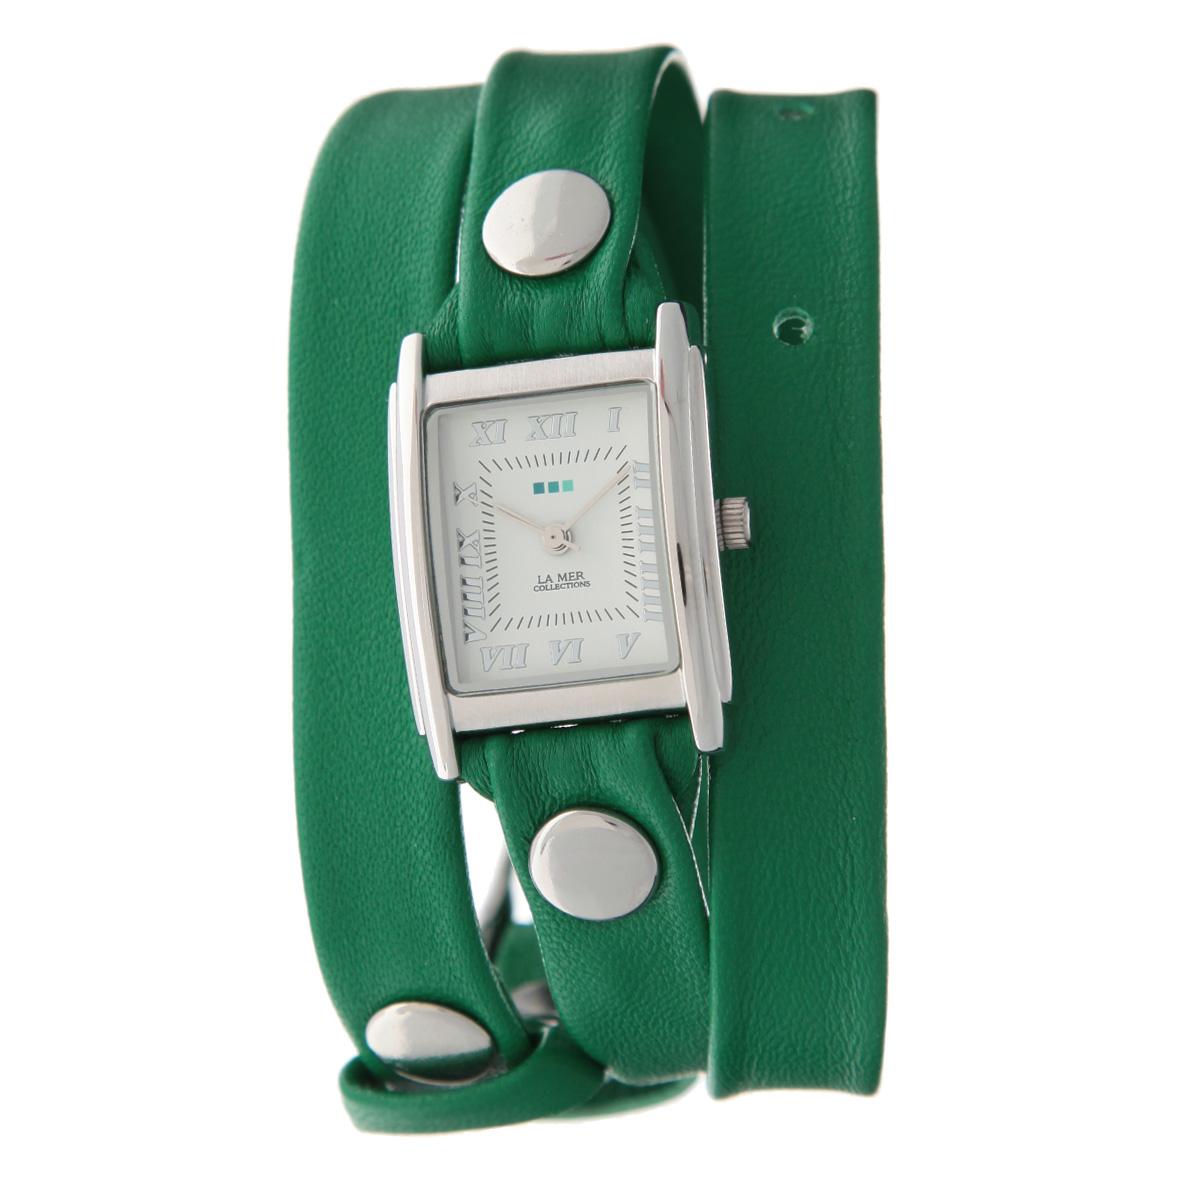 Часы наручные женские La Mer Collections Simple Kelly Green/Silver. LMSTW1012xLMSTW1012xЖенские наручные часы  La Mer Collections позволят вам выделиться из толпы и подчеркнуть свою индивидуальность. Часы оснащены японским кварцевым механизмом Seiko. Ремешок выполнен из натуральной итальянской кожи и декорирован металлическими заклепками. Корпус часов изготовлен из сплава металлов, серебристого цвета. Циферблат оснащен часовой, минутной и секундной стрелками и защищен минеральным стеклом. Часы застегиваются на классическую застежку. Часы хранятся на специальной подушечке в футляре из искусственной кожи, крышка которого оформлена логотипом компании La Mer Collection. Характеристики: Размер циферблата: 25 х 23 х 8 мм. Размер ремешка: 550 х 13 мм. Не содержат никель. Не водостойкие. Собираются вручную в США.